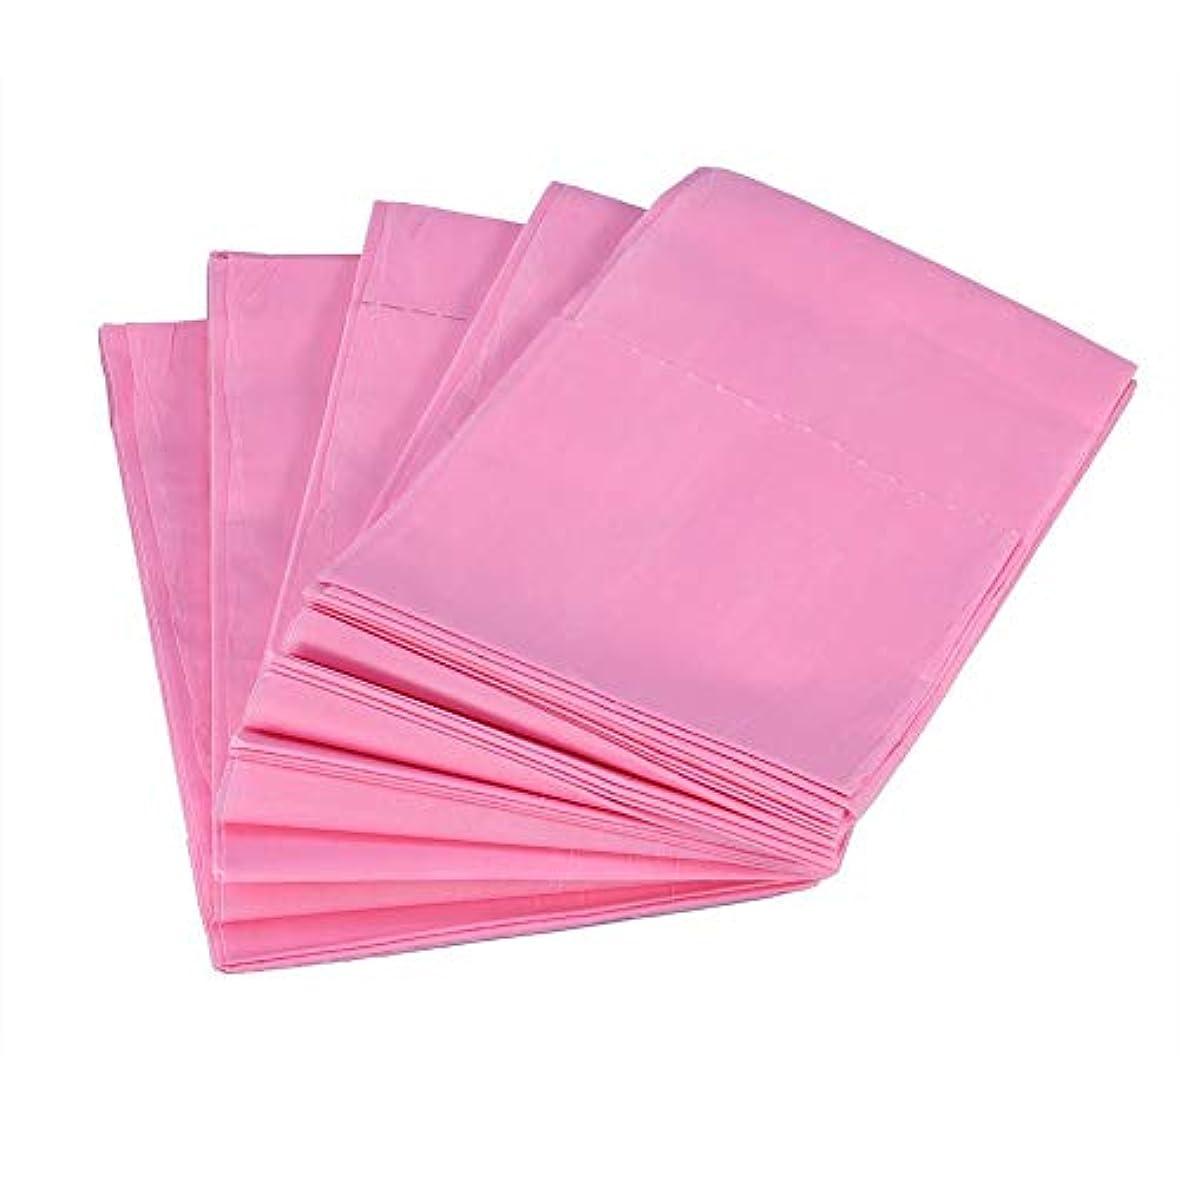 グリーンバック拡張息苦しい使い捨てベッドシーツ、10個175 x 75cm不織布使い捨て防水シーツマッサージビューティーカバー(ピンク)